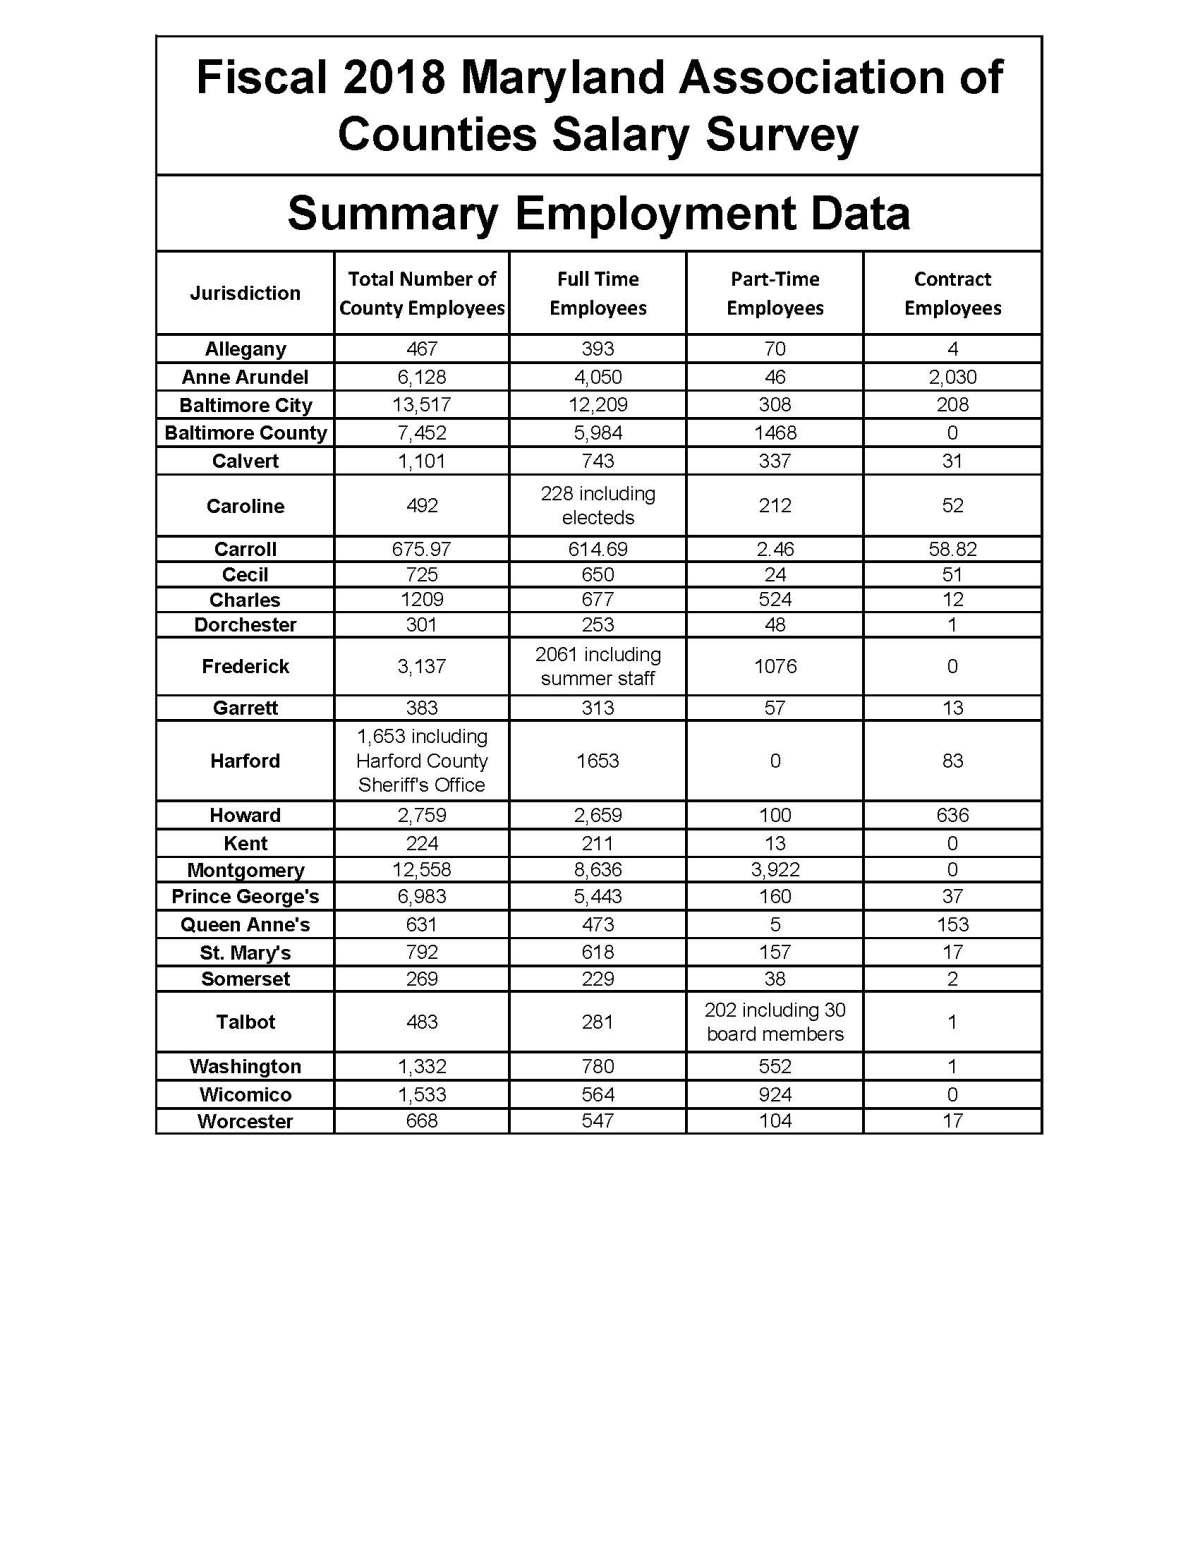 2018 Salary Survey Summary Data